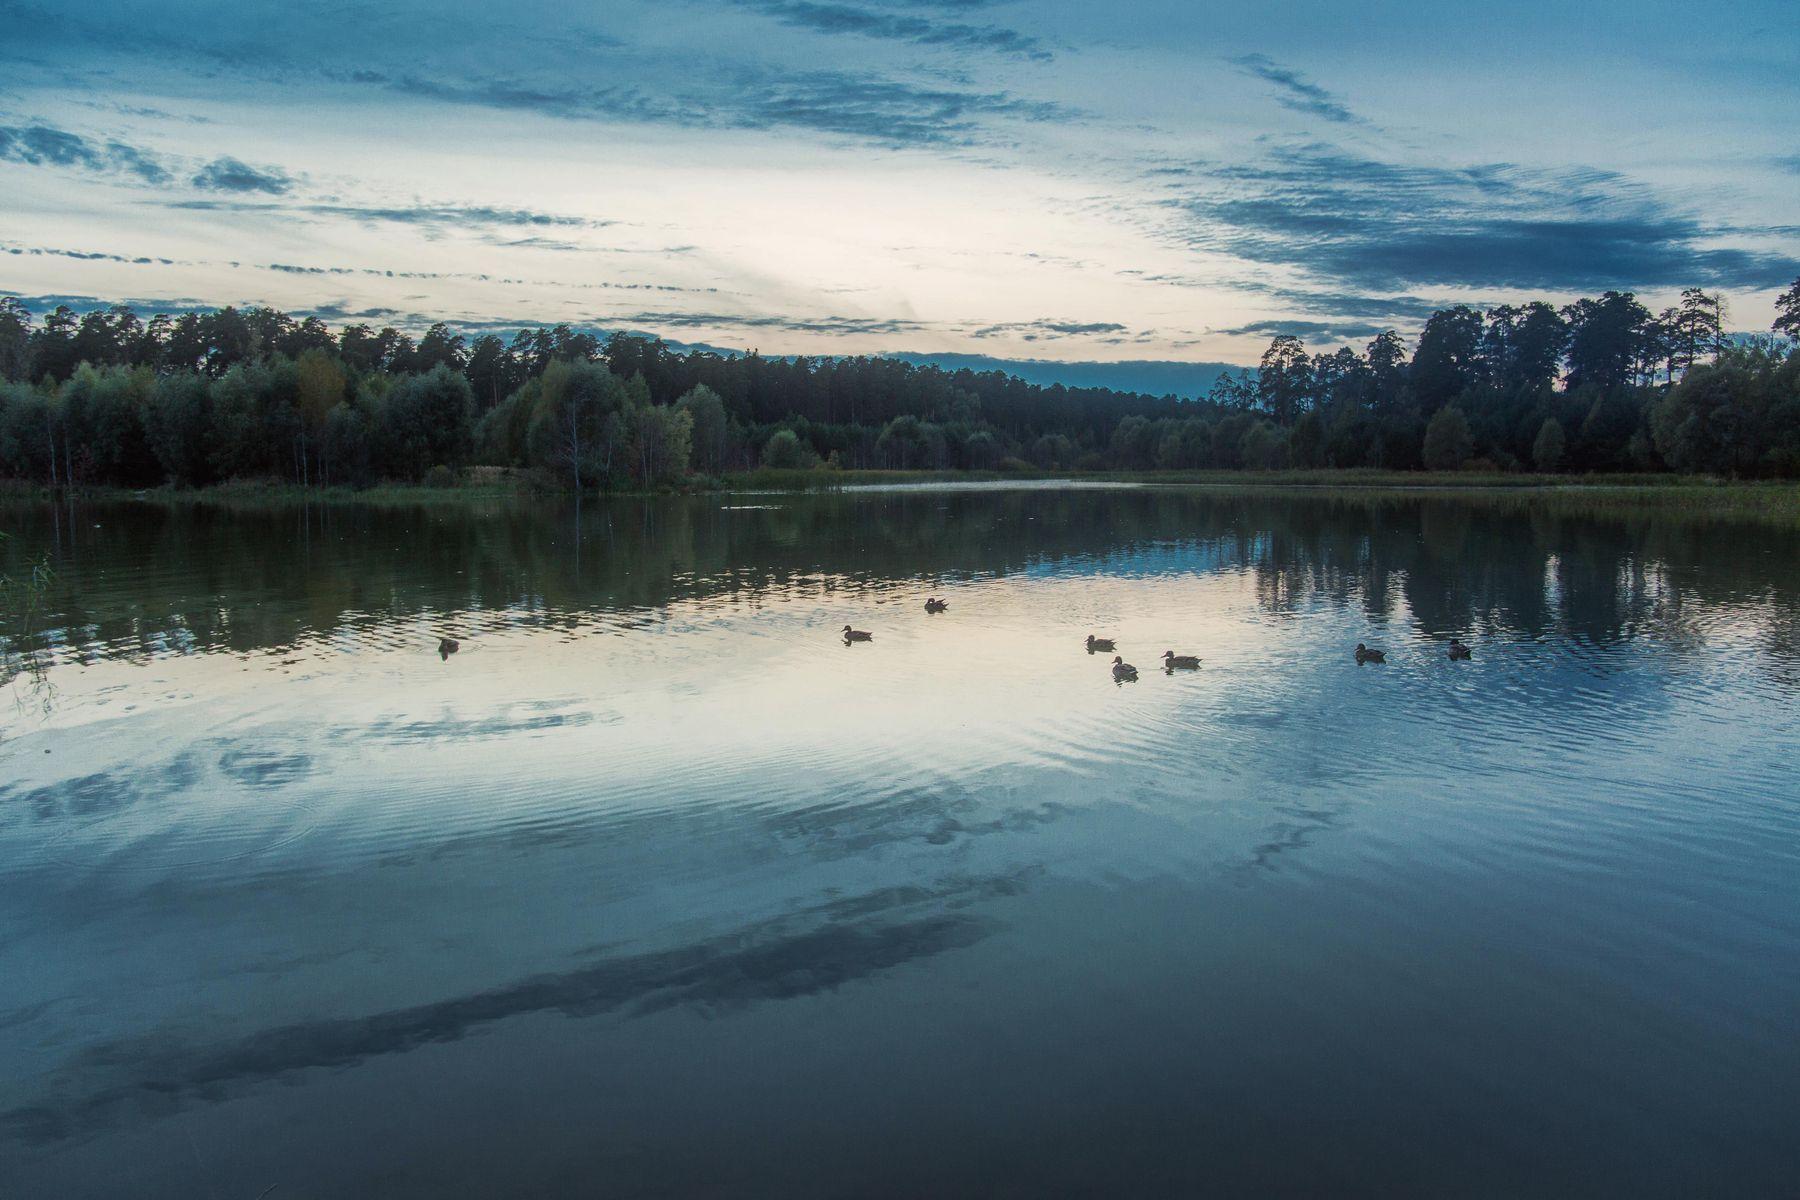 Сумерки на озере природа пейзаж вечер сумерки татарстан озеро малое лебяжье